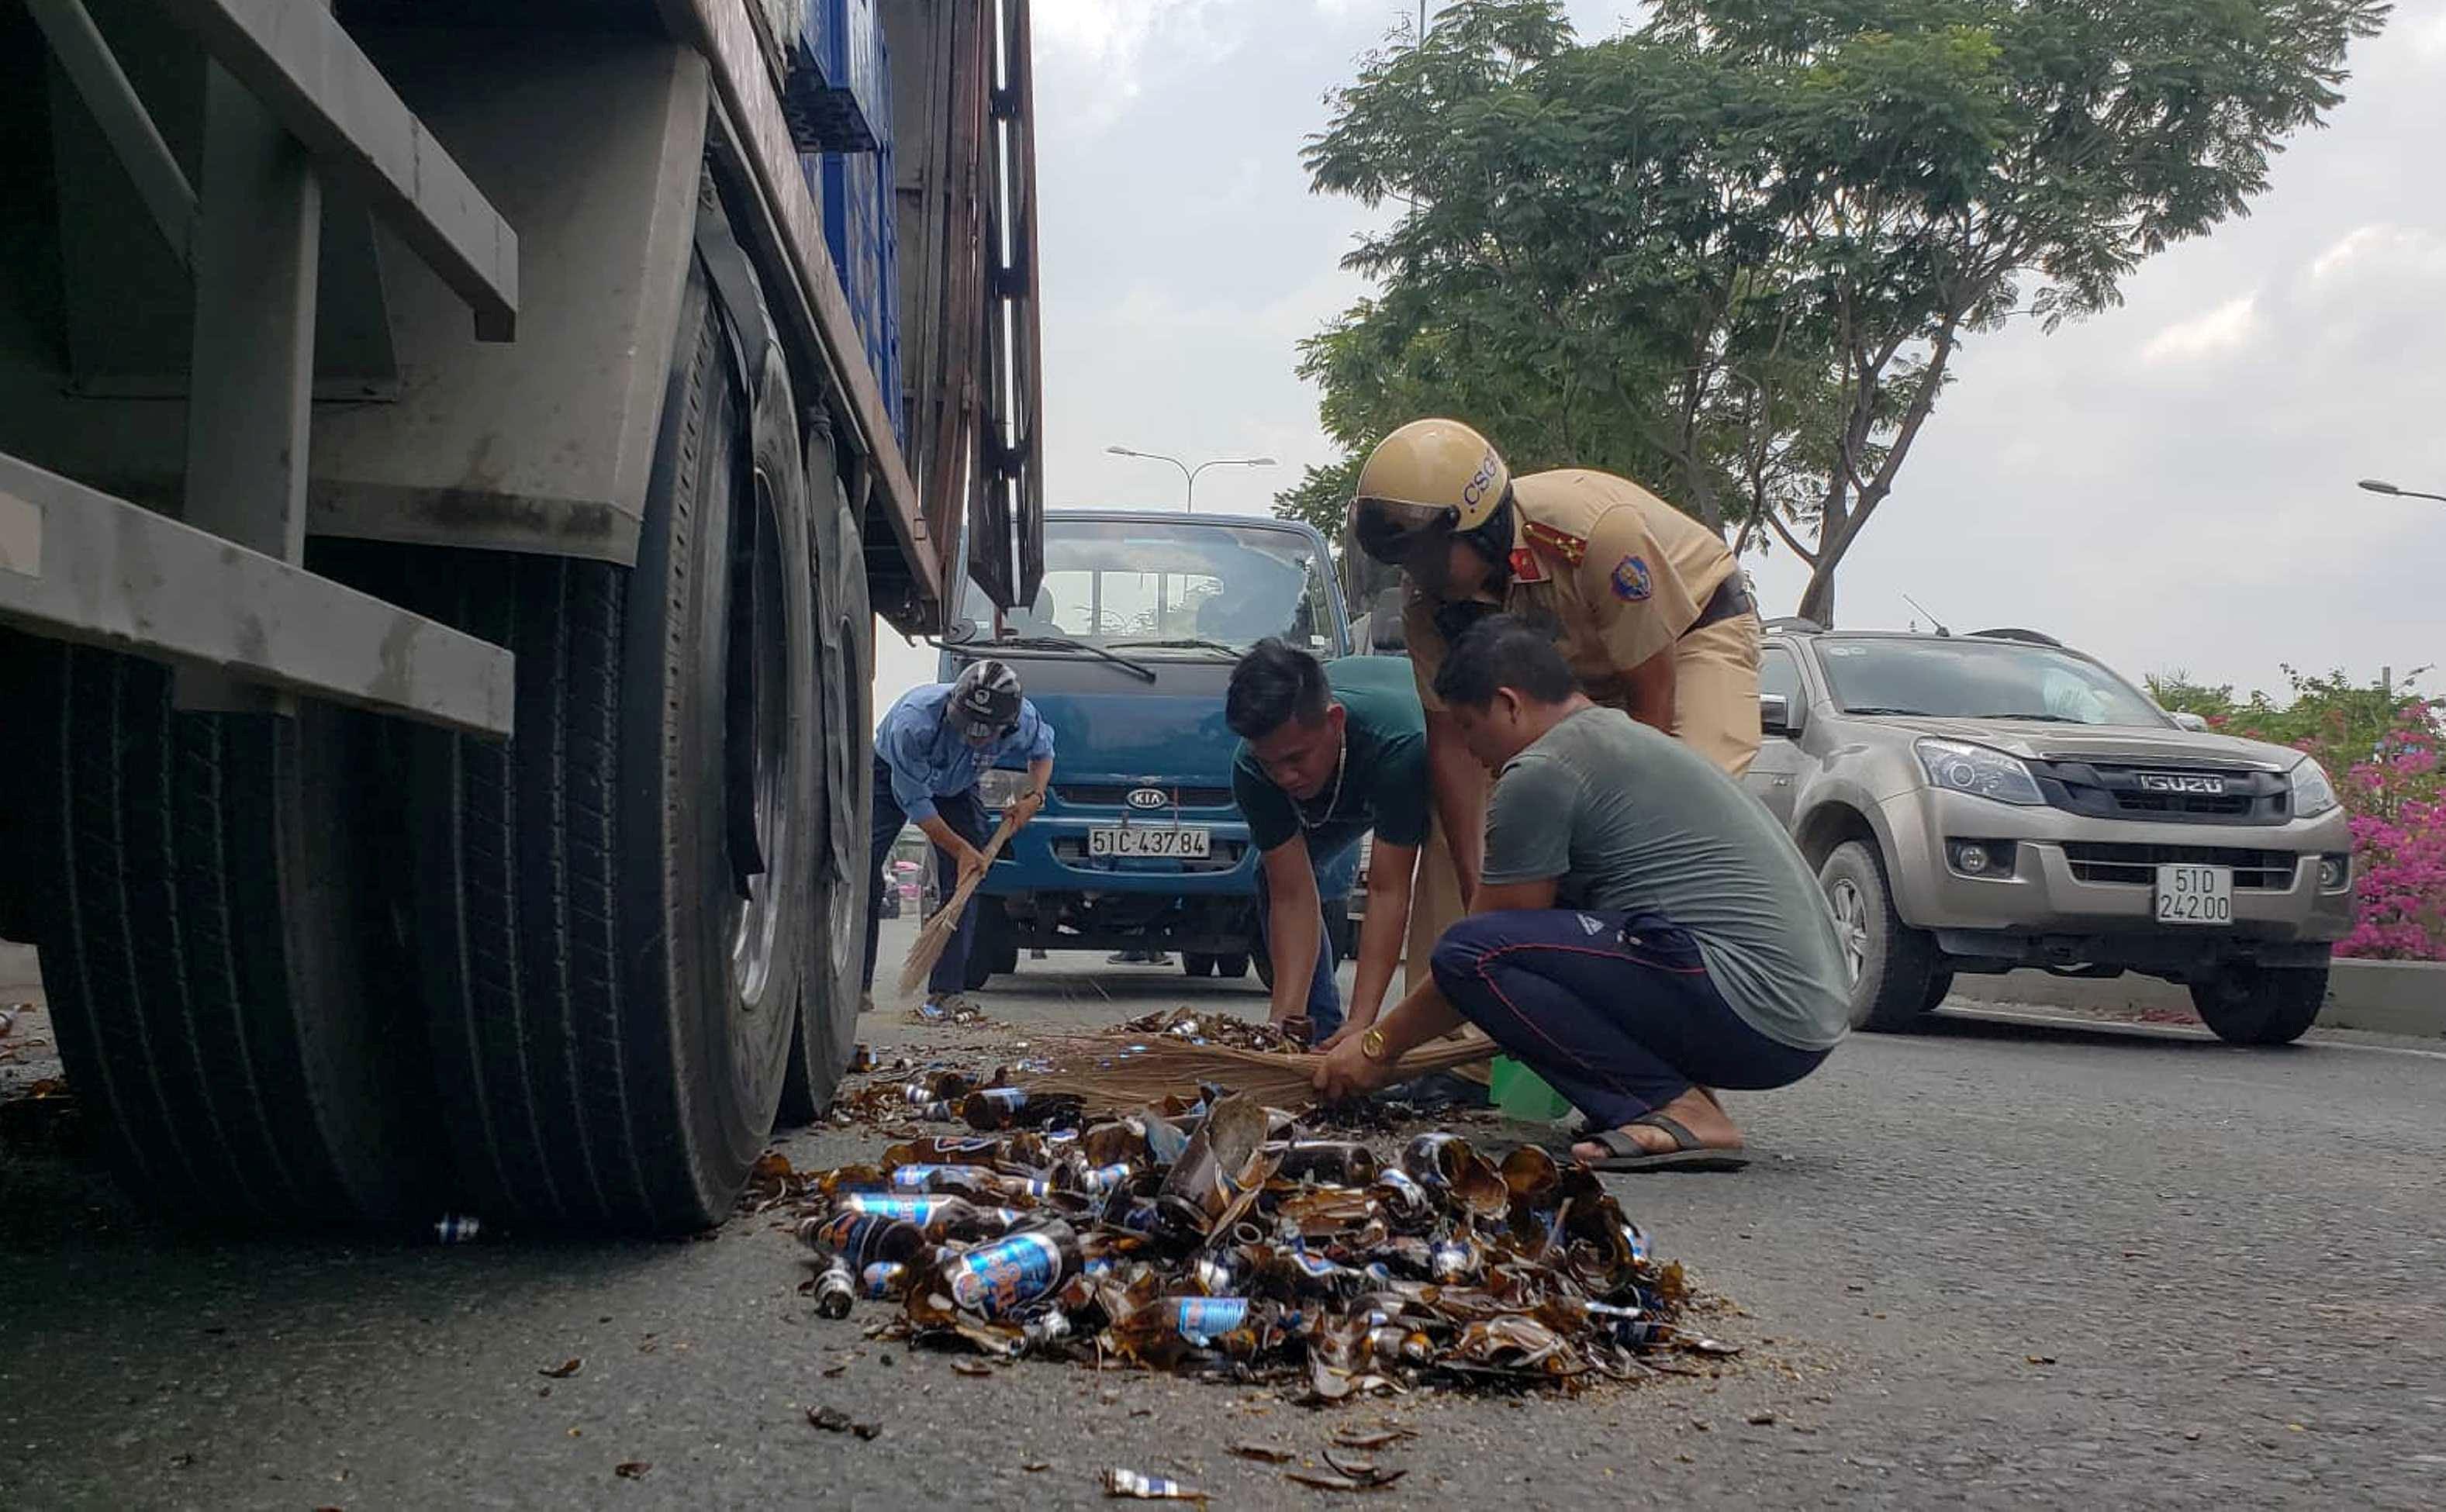 Hàng chục thùng bia rơi xuống đường, cửa ngõ Sài Gòn kẹt cứng Ảnh 2